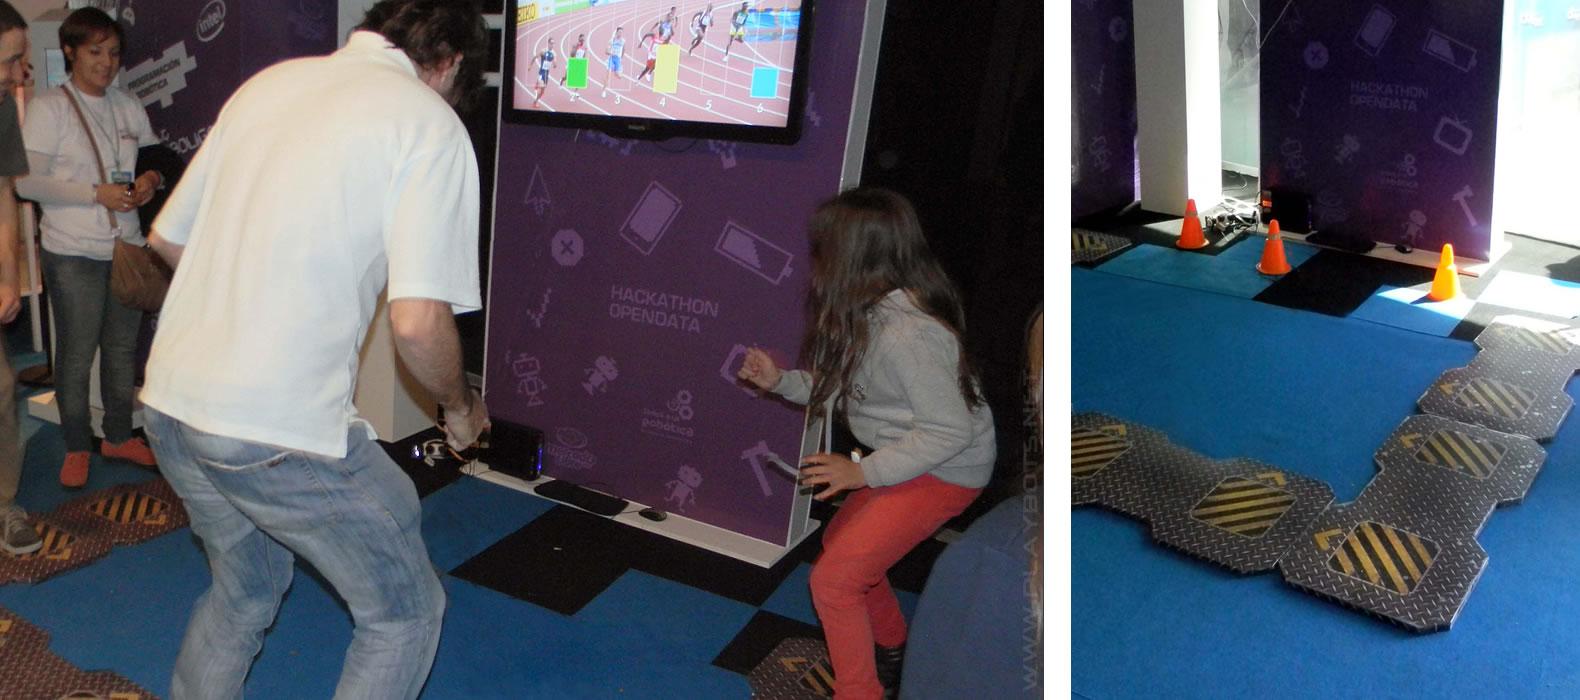 Juegos Interactivos Digitales Gestuales Playbots